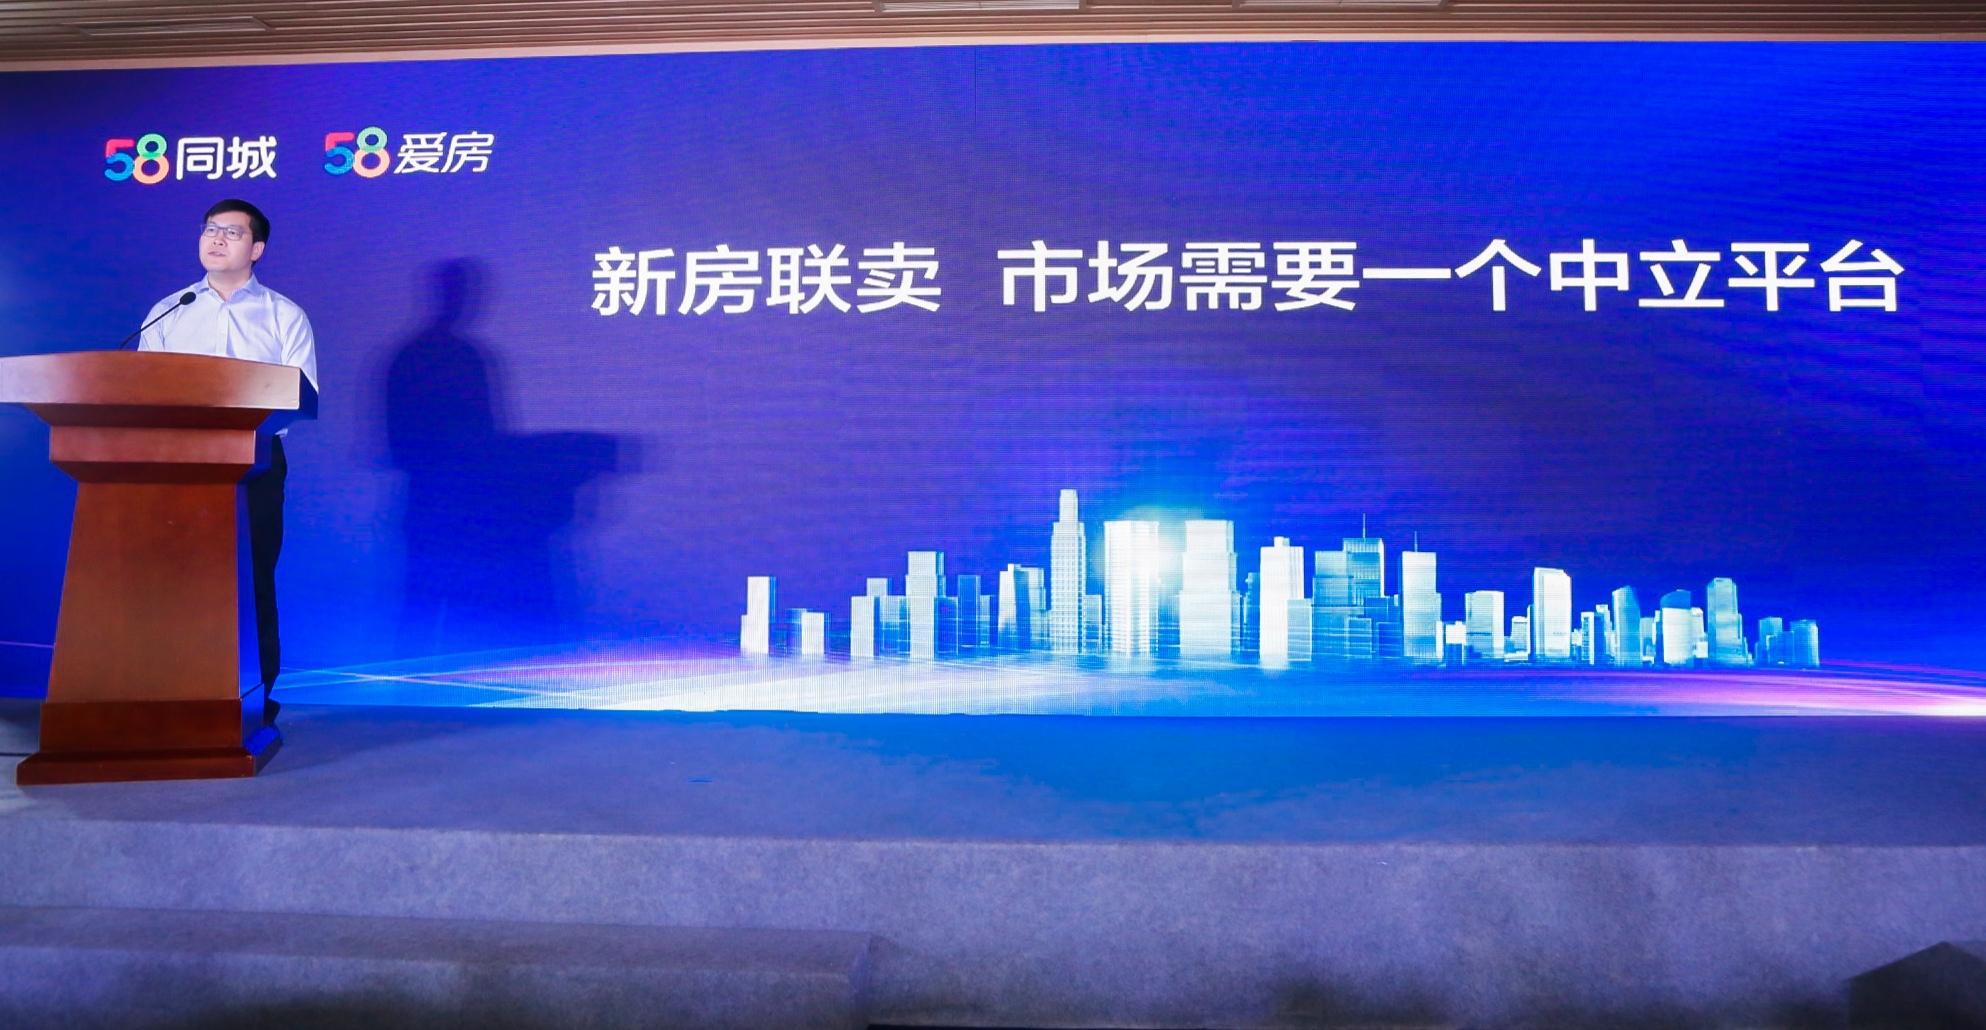 58愛房未來三年拓展3萬億新房聯賣市場 世聯行、58同城、同策啟動PMLS戰略-中國網地産